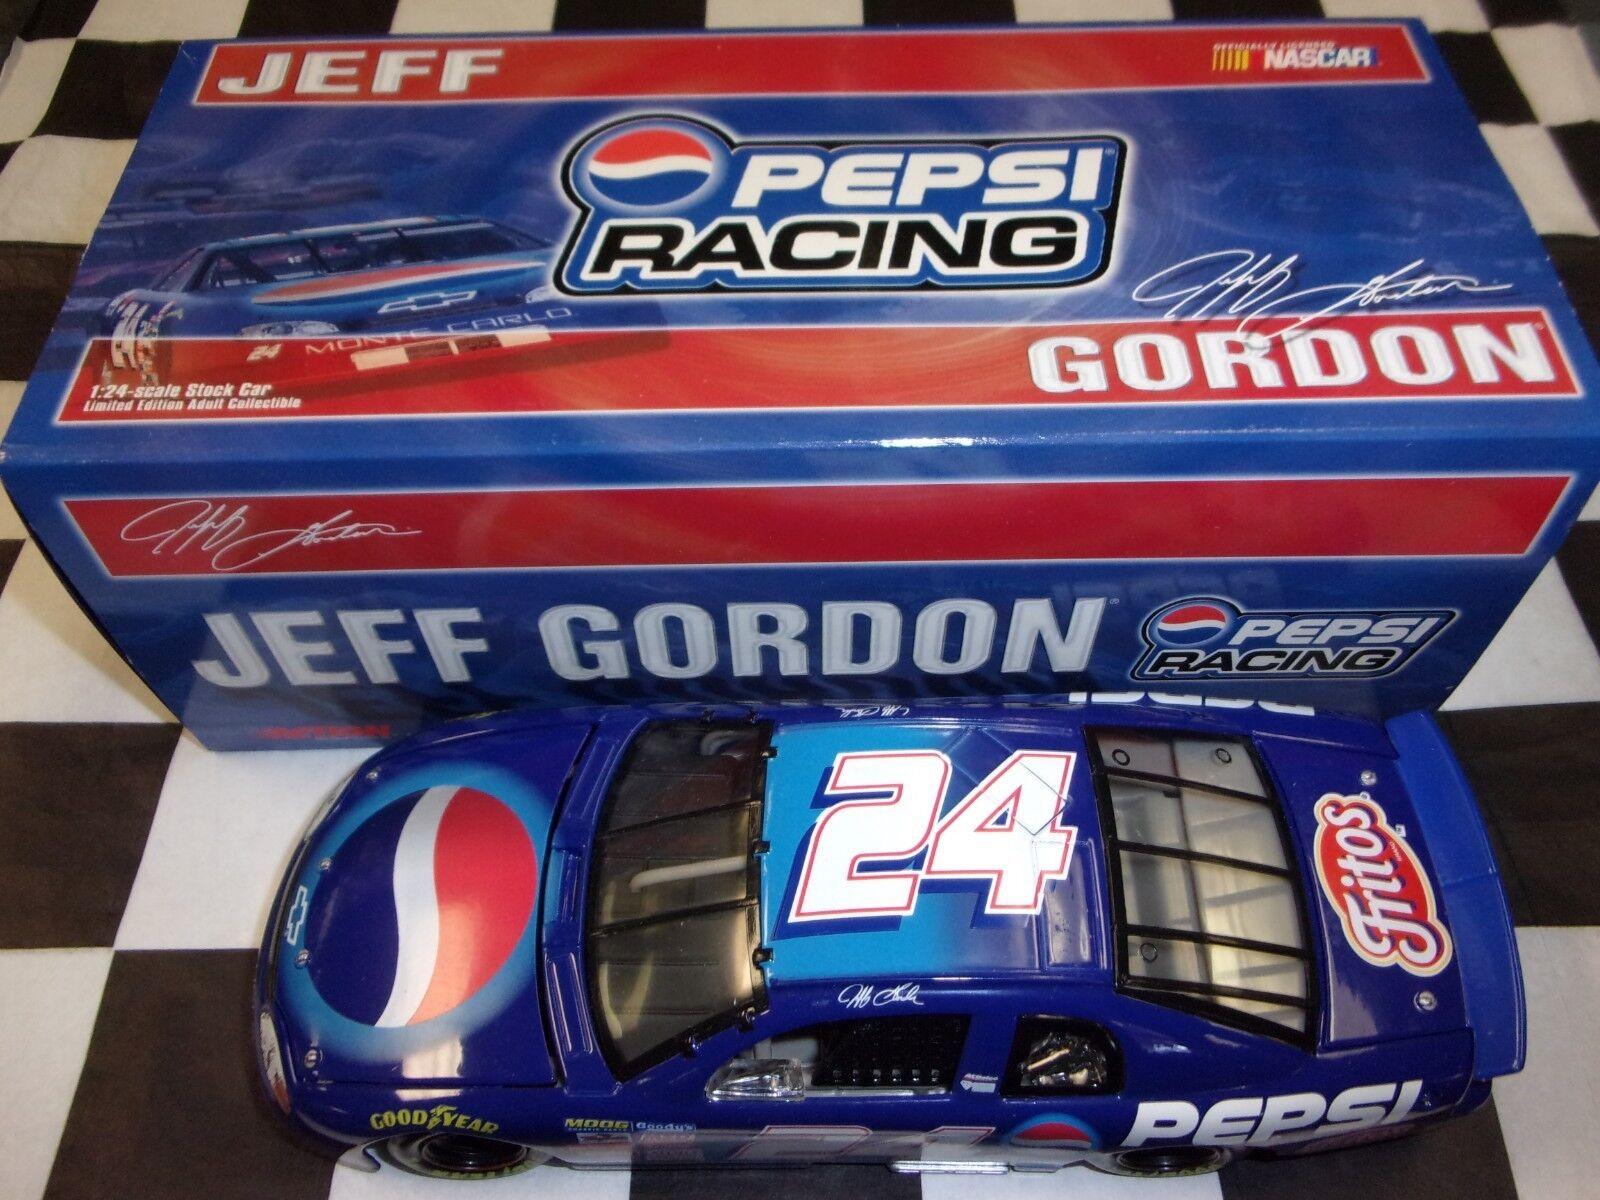 Jeff Gordon Pepsi 1999 Monte Carlo Escala 1 24 coche W249935077 acción de NASCAR